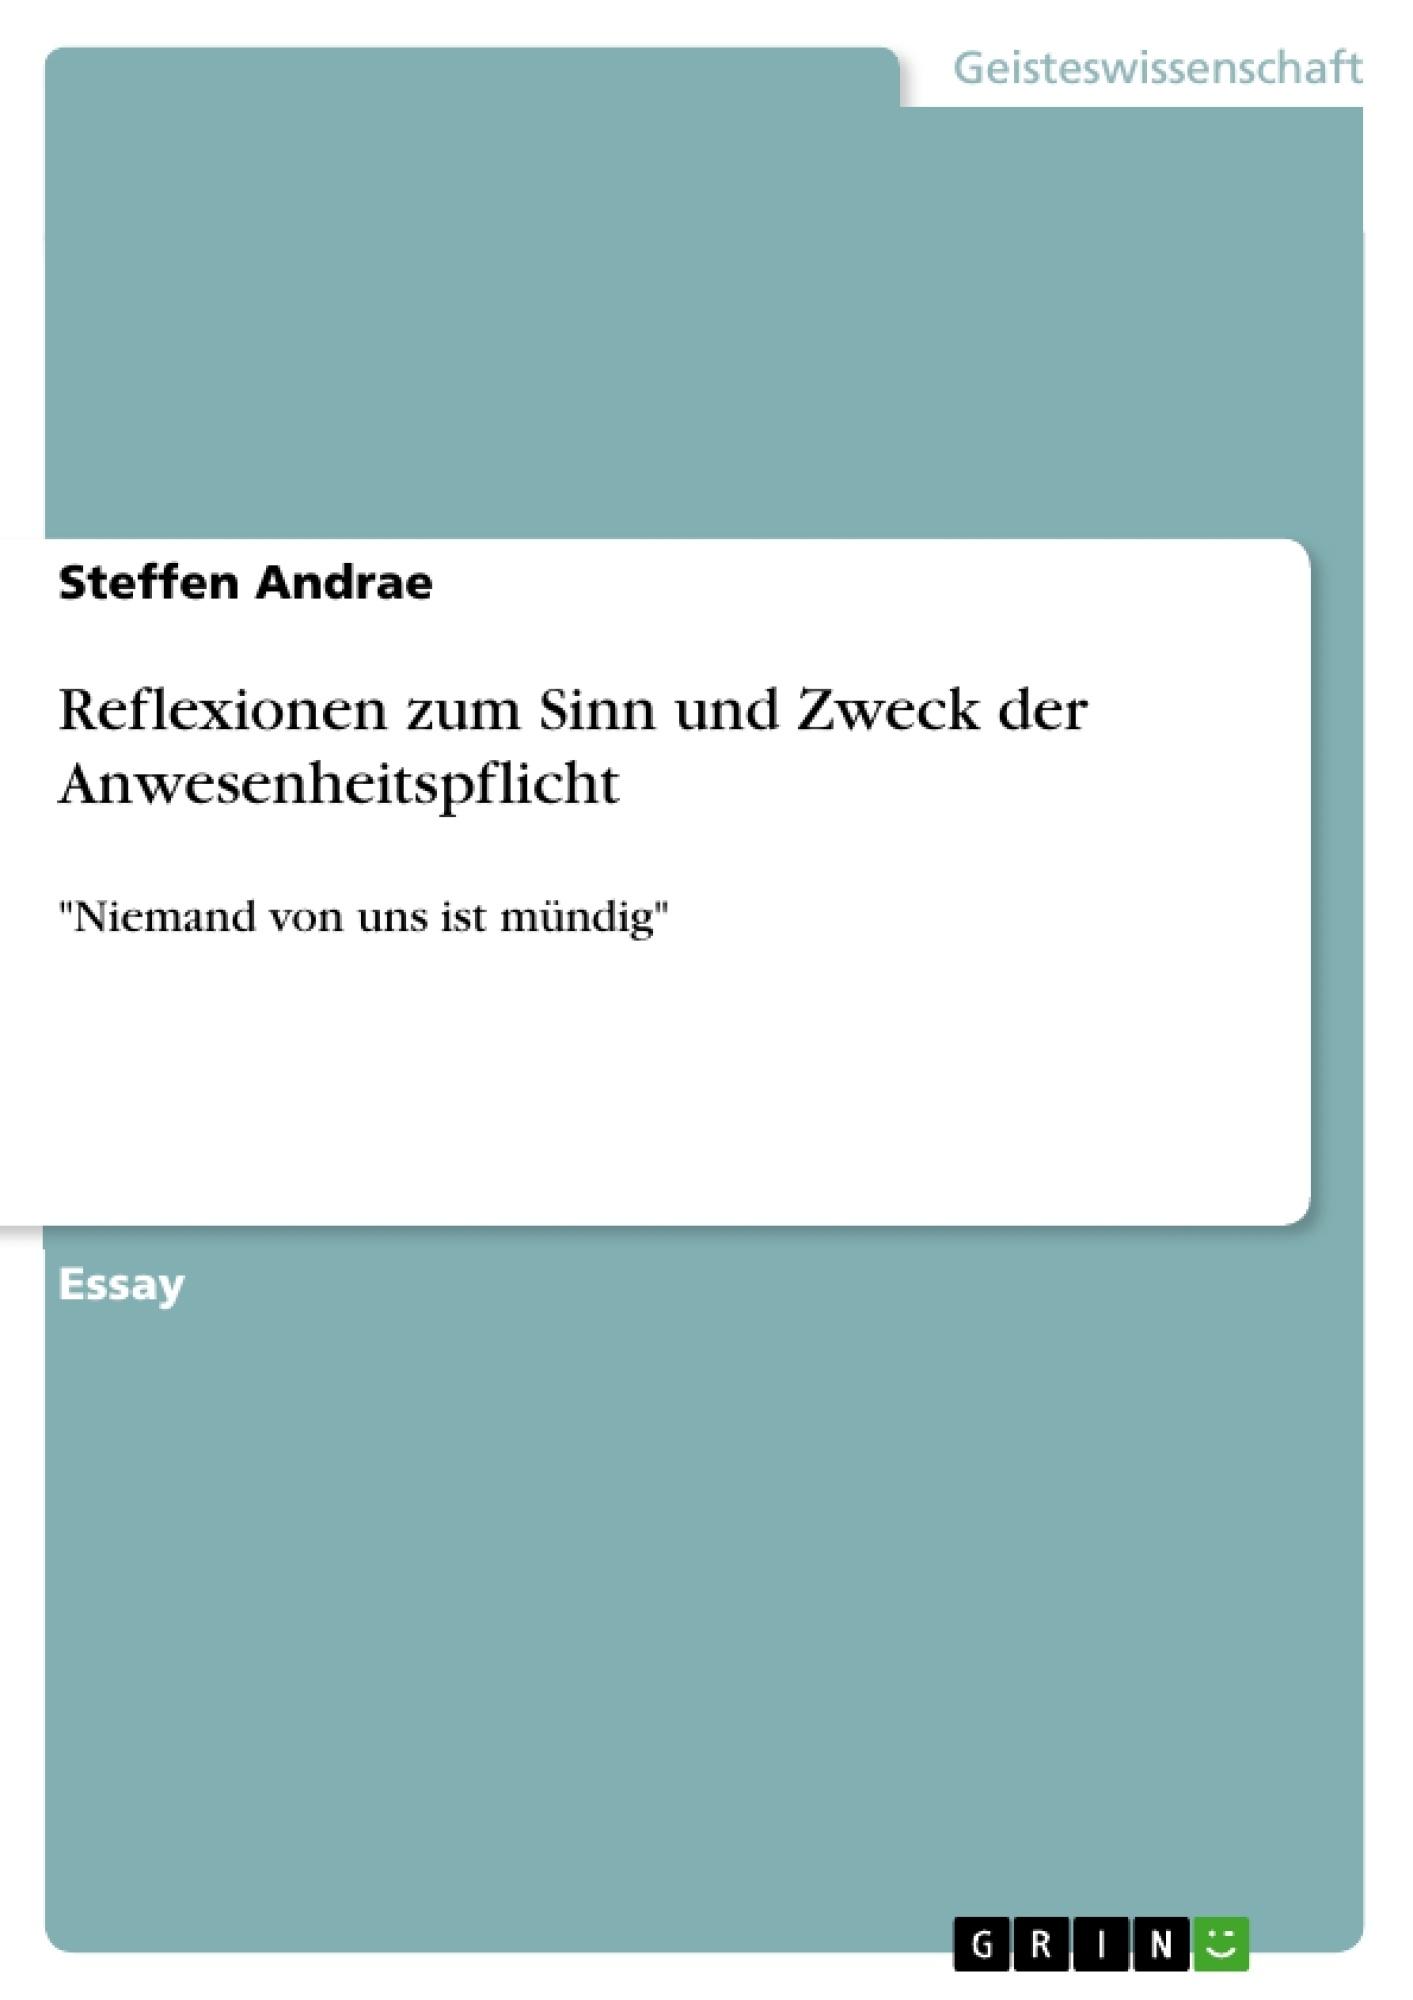 Titel: Reflexionen zum Sinn und Zweck der Anwesenheitspflicht